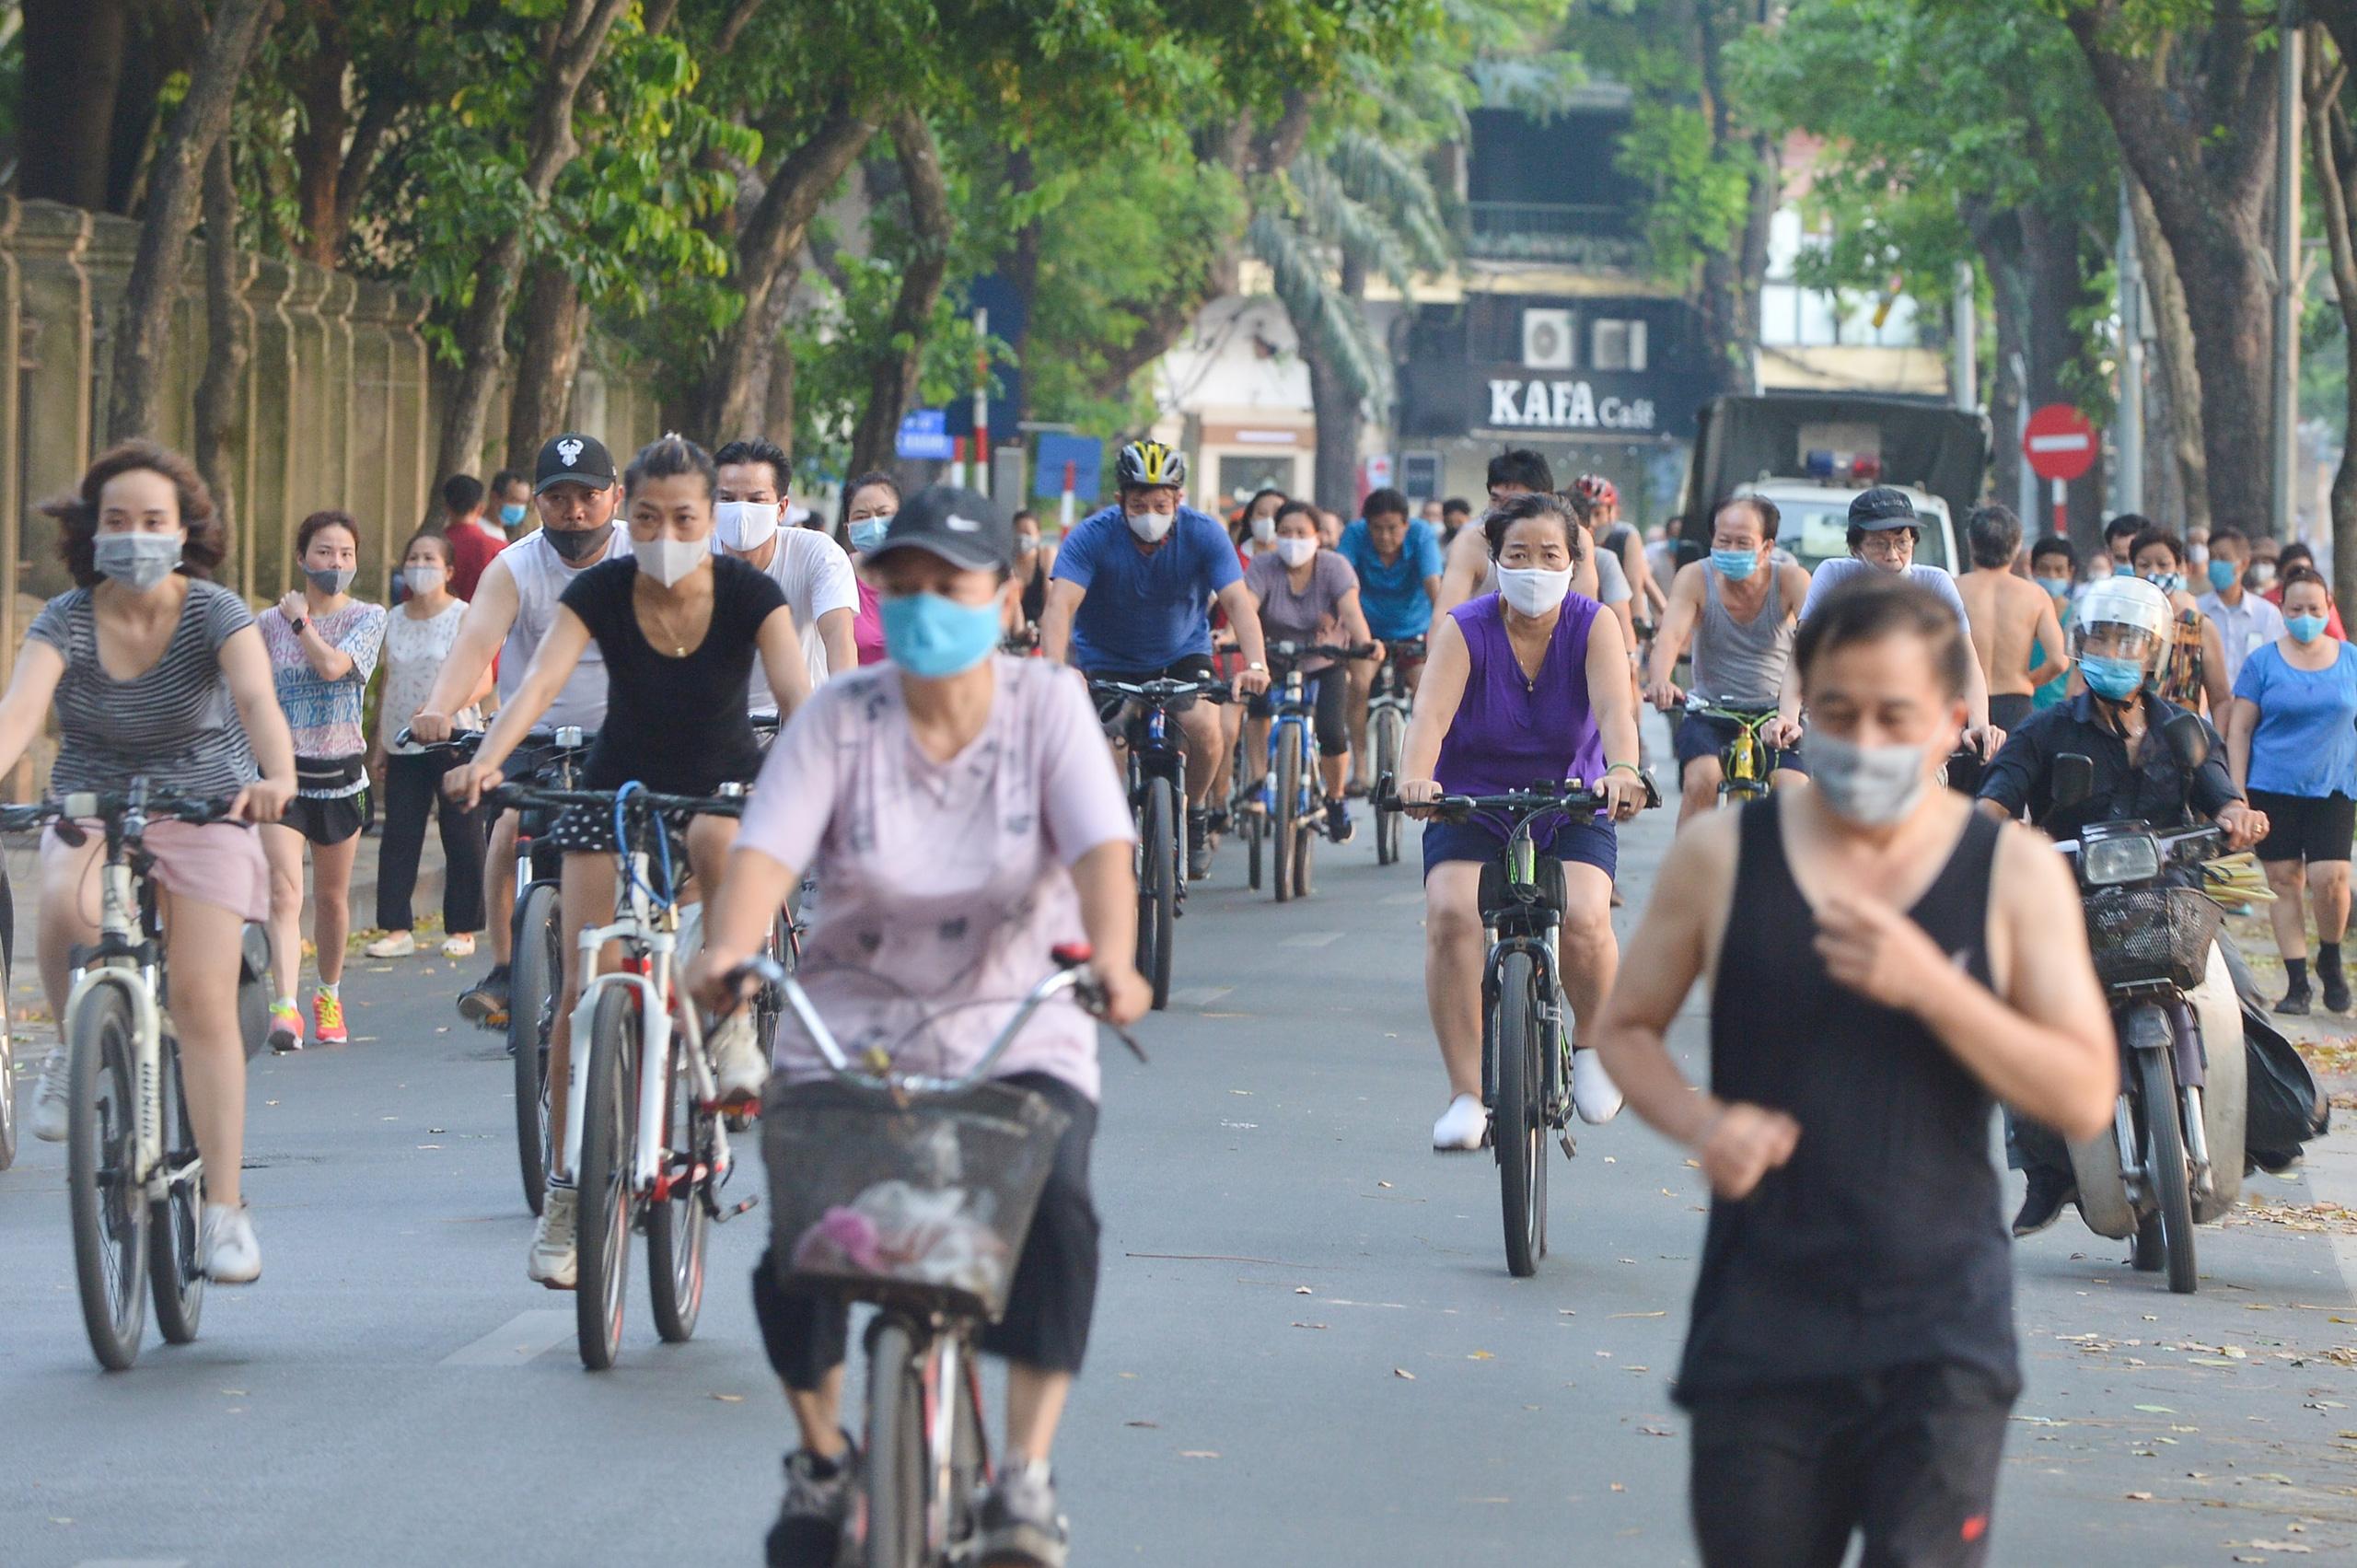 Hàng trăm người dân tập thể dục, đạp xe quanh hồ Gươm bất chấp dịch quy định phòng dịch Covid-19 - Ảnh 6.